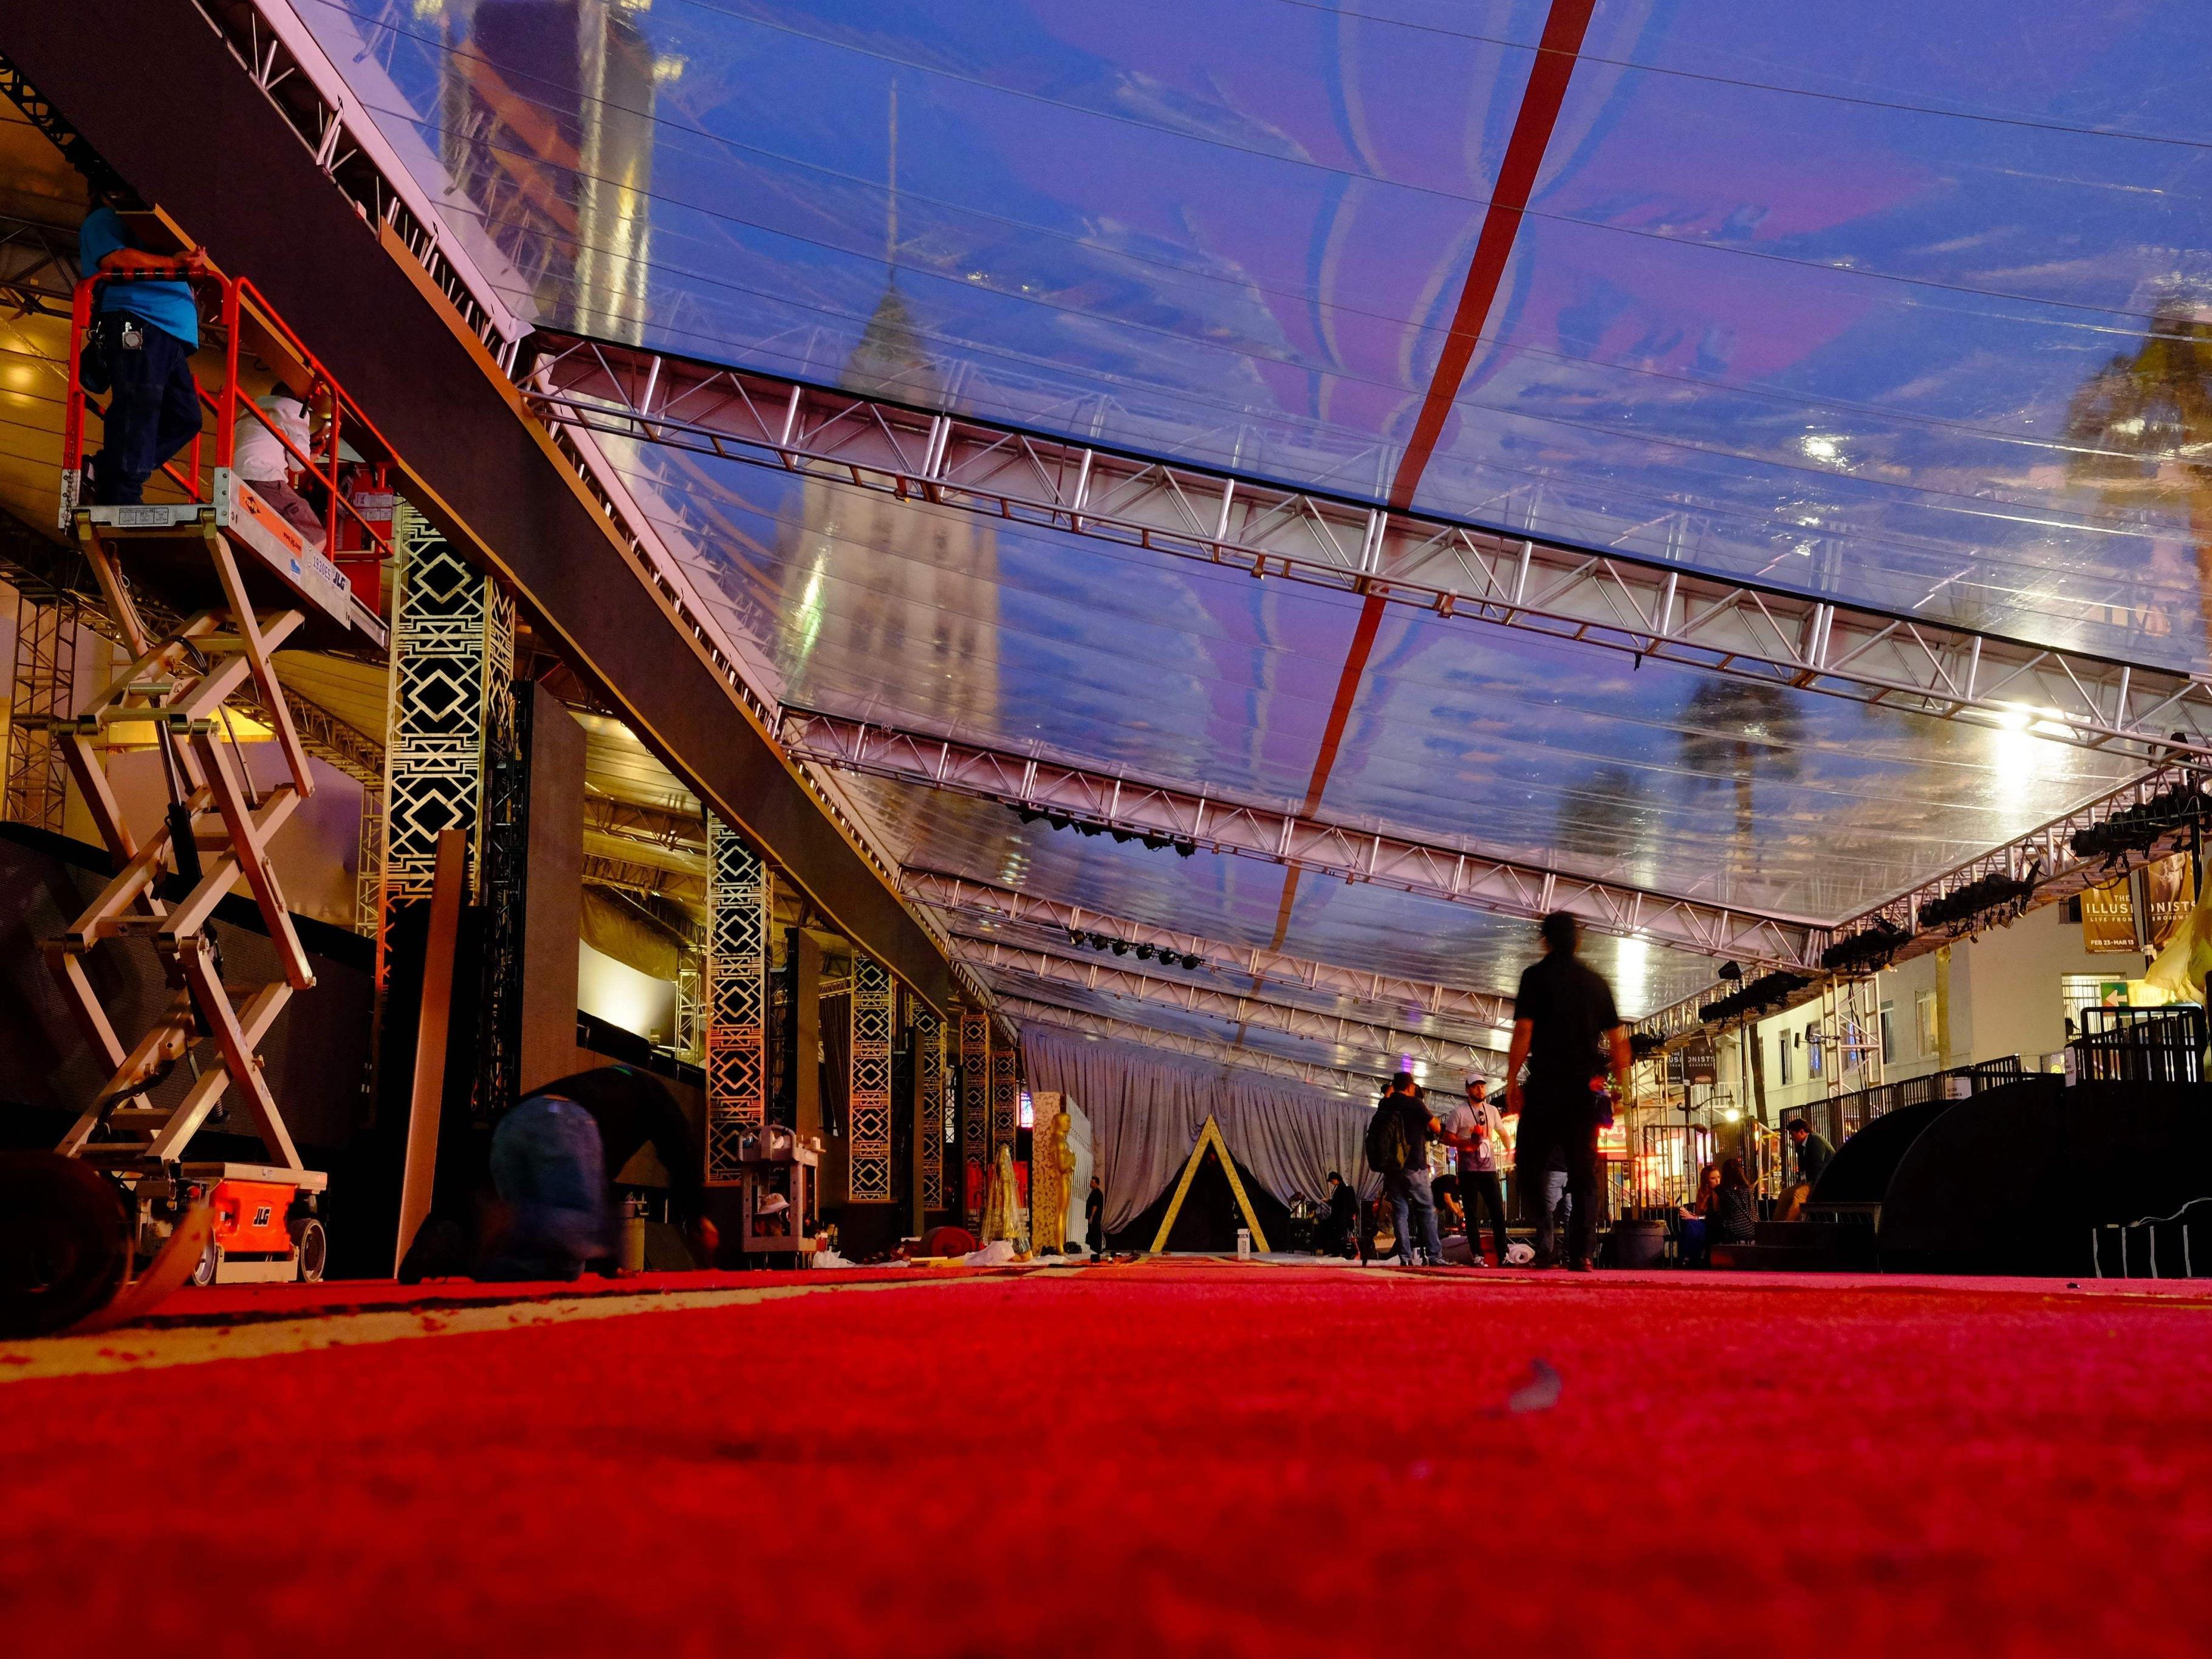 Der Rote Teppich ist bereit für die Academy Awards 2016.